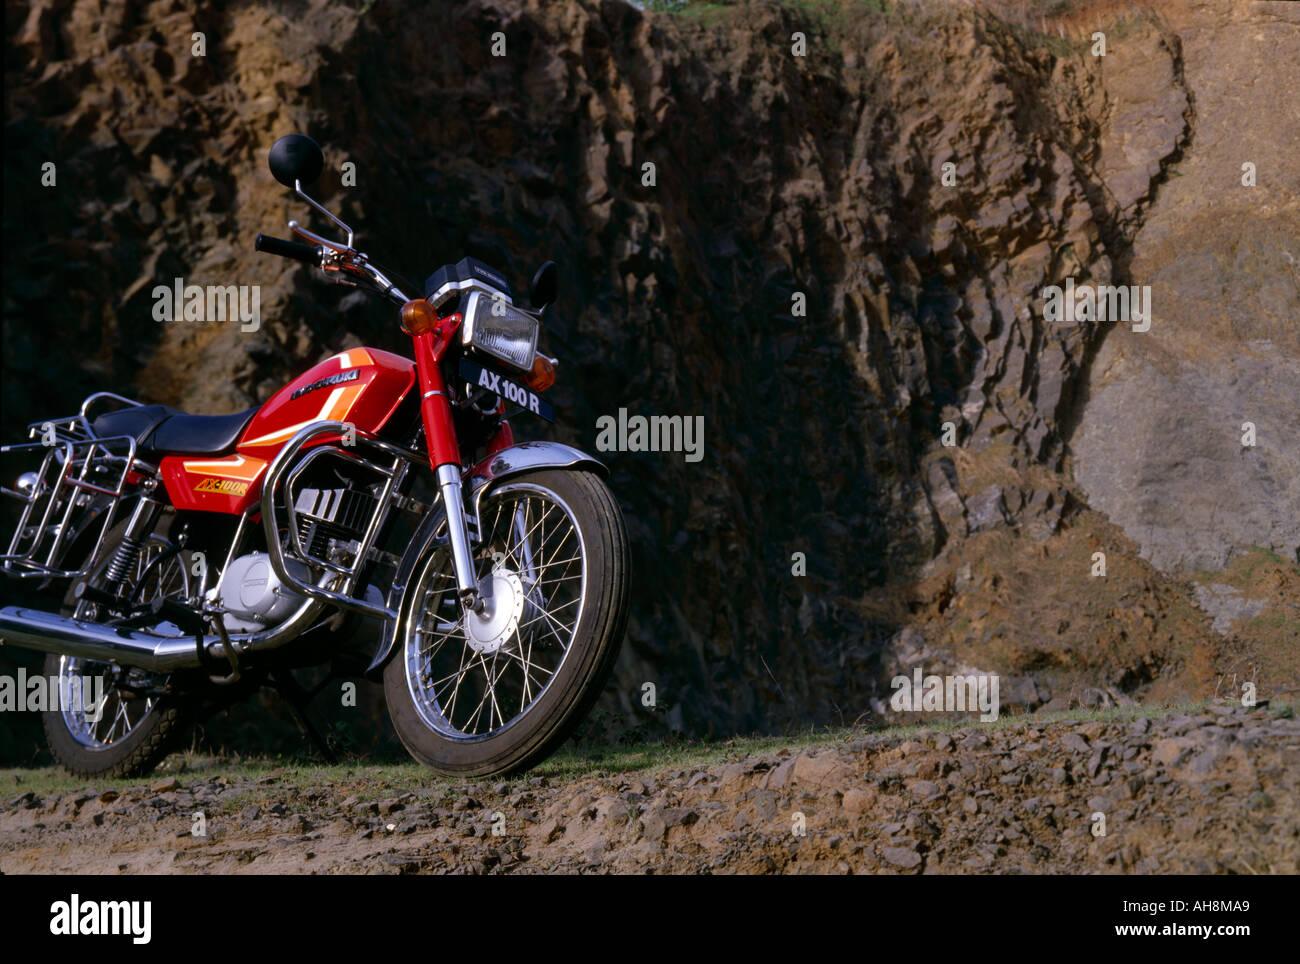 AAD71495 Transport Bike Suzuki model AX 100R - Stock Image